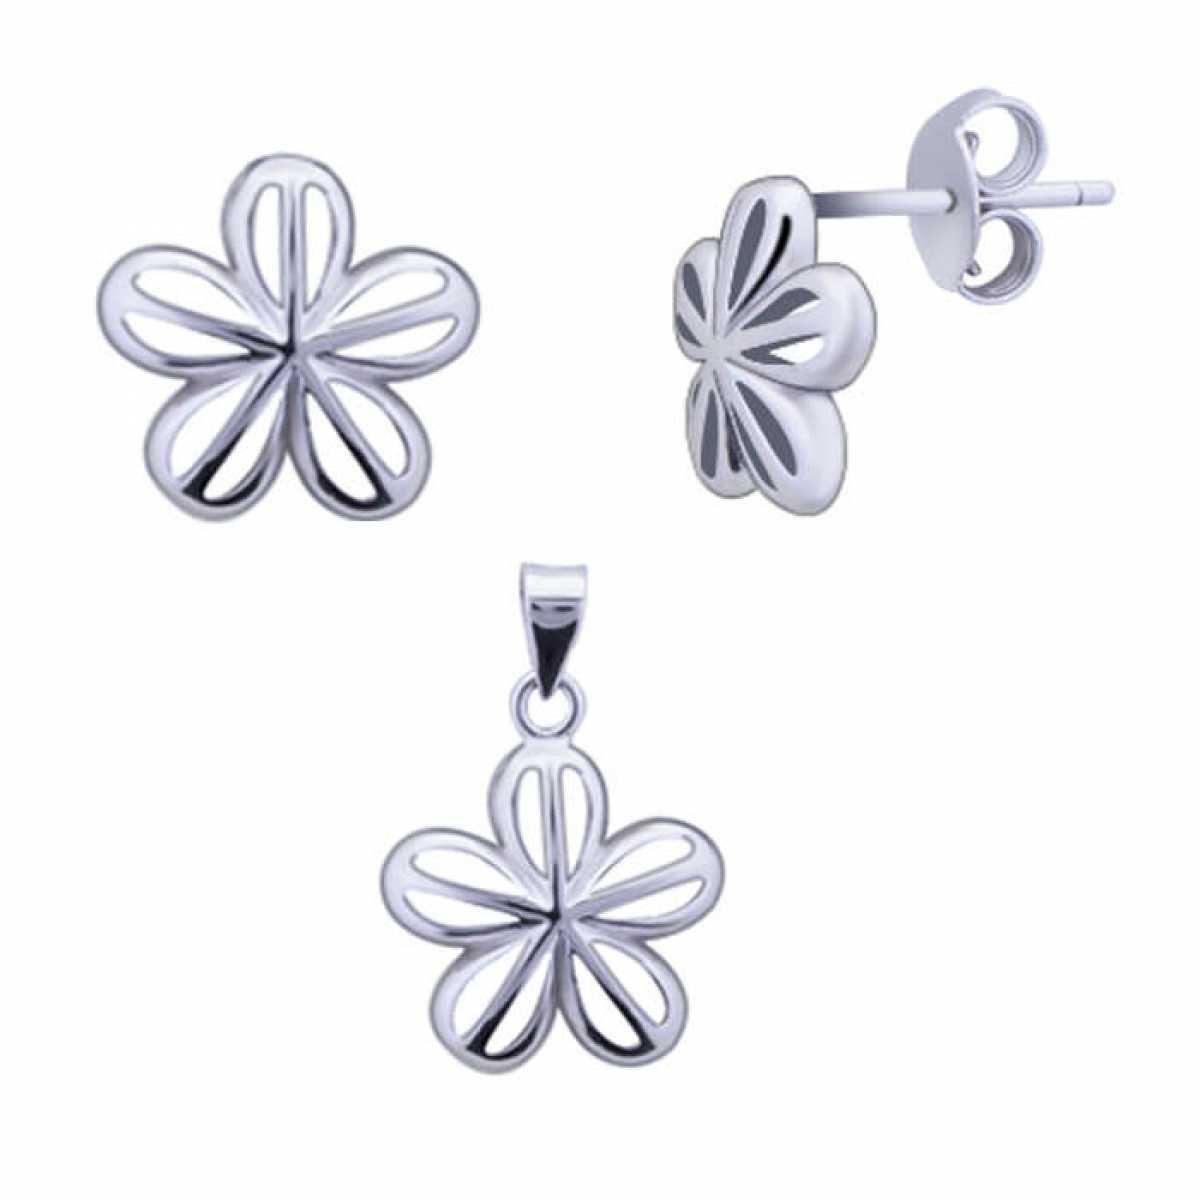 Open Flower Silver Pendant Set